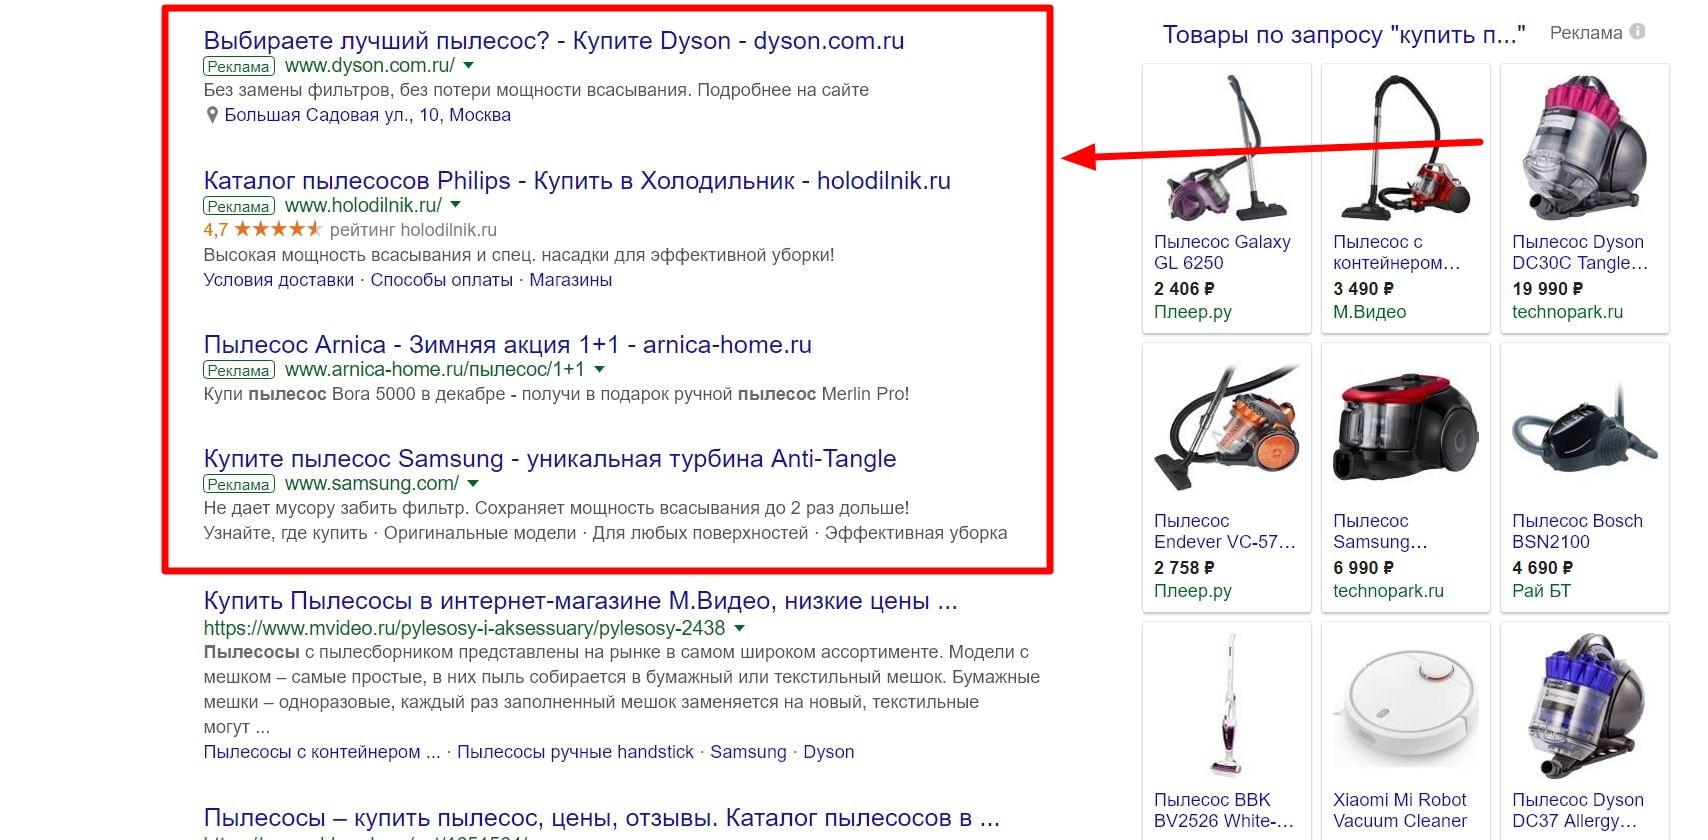 Отображение контекстной рекламы в поисковой выдаче